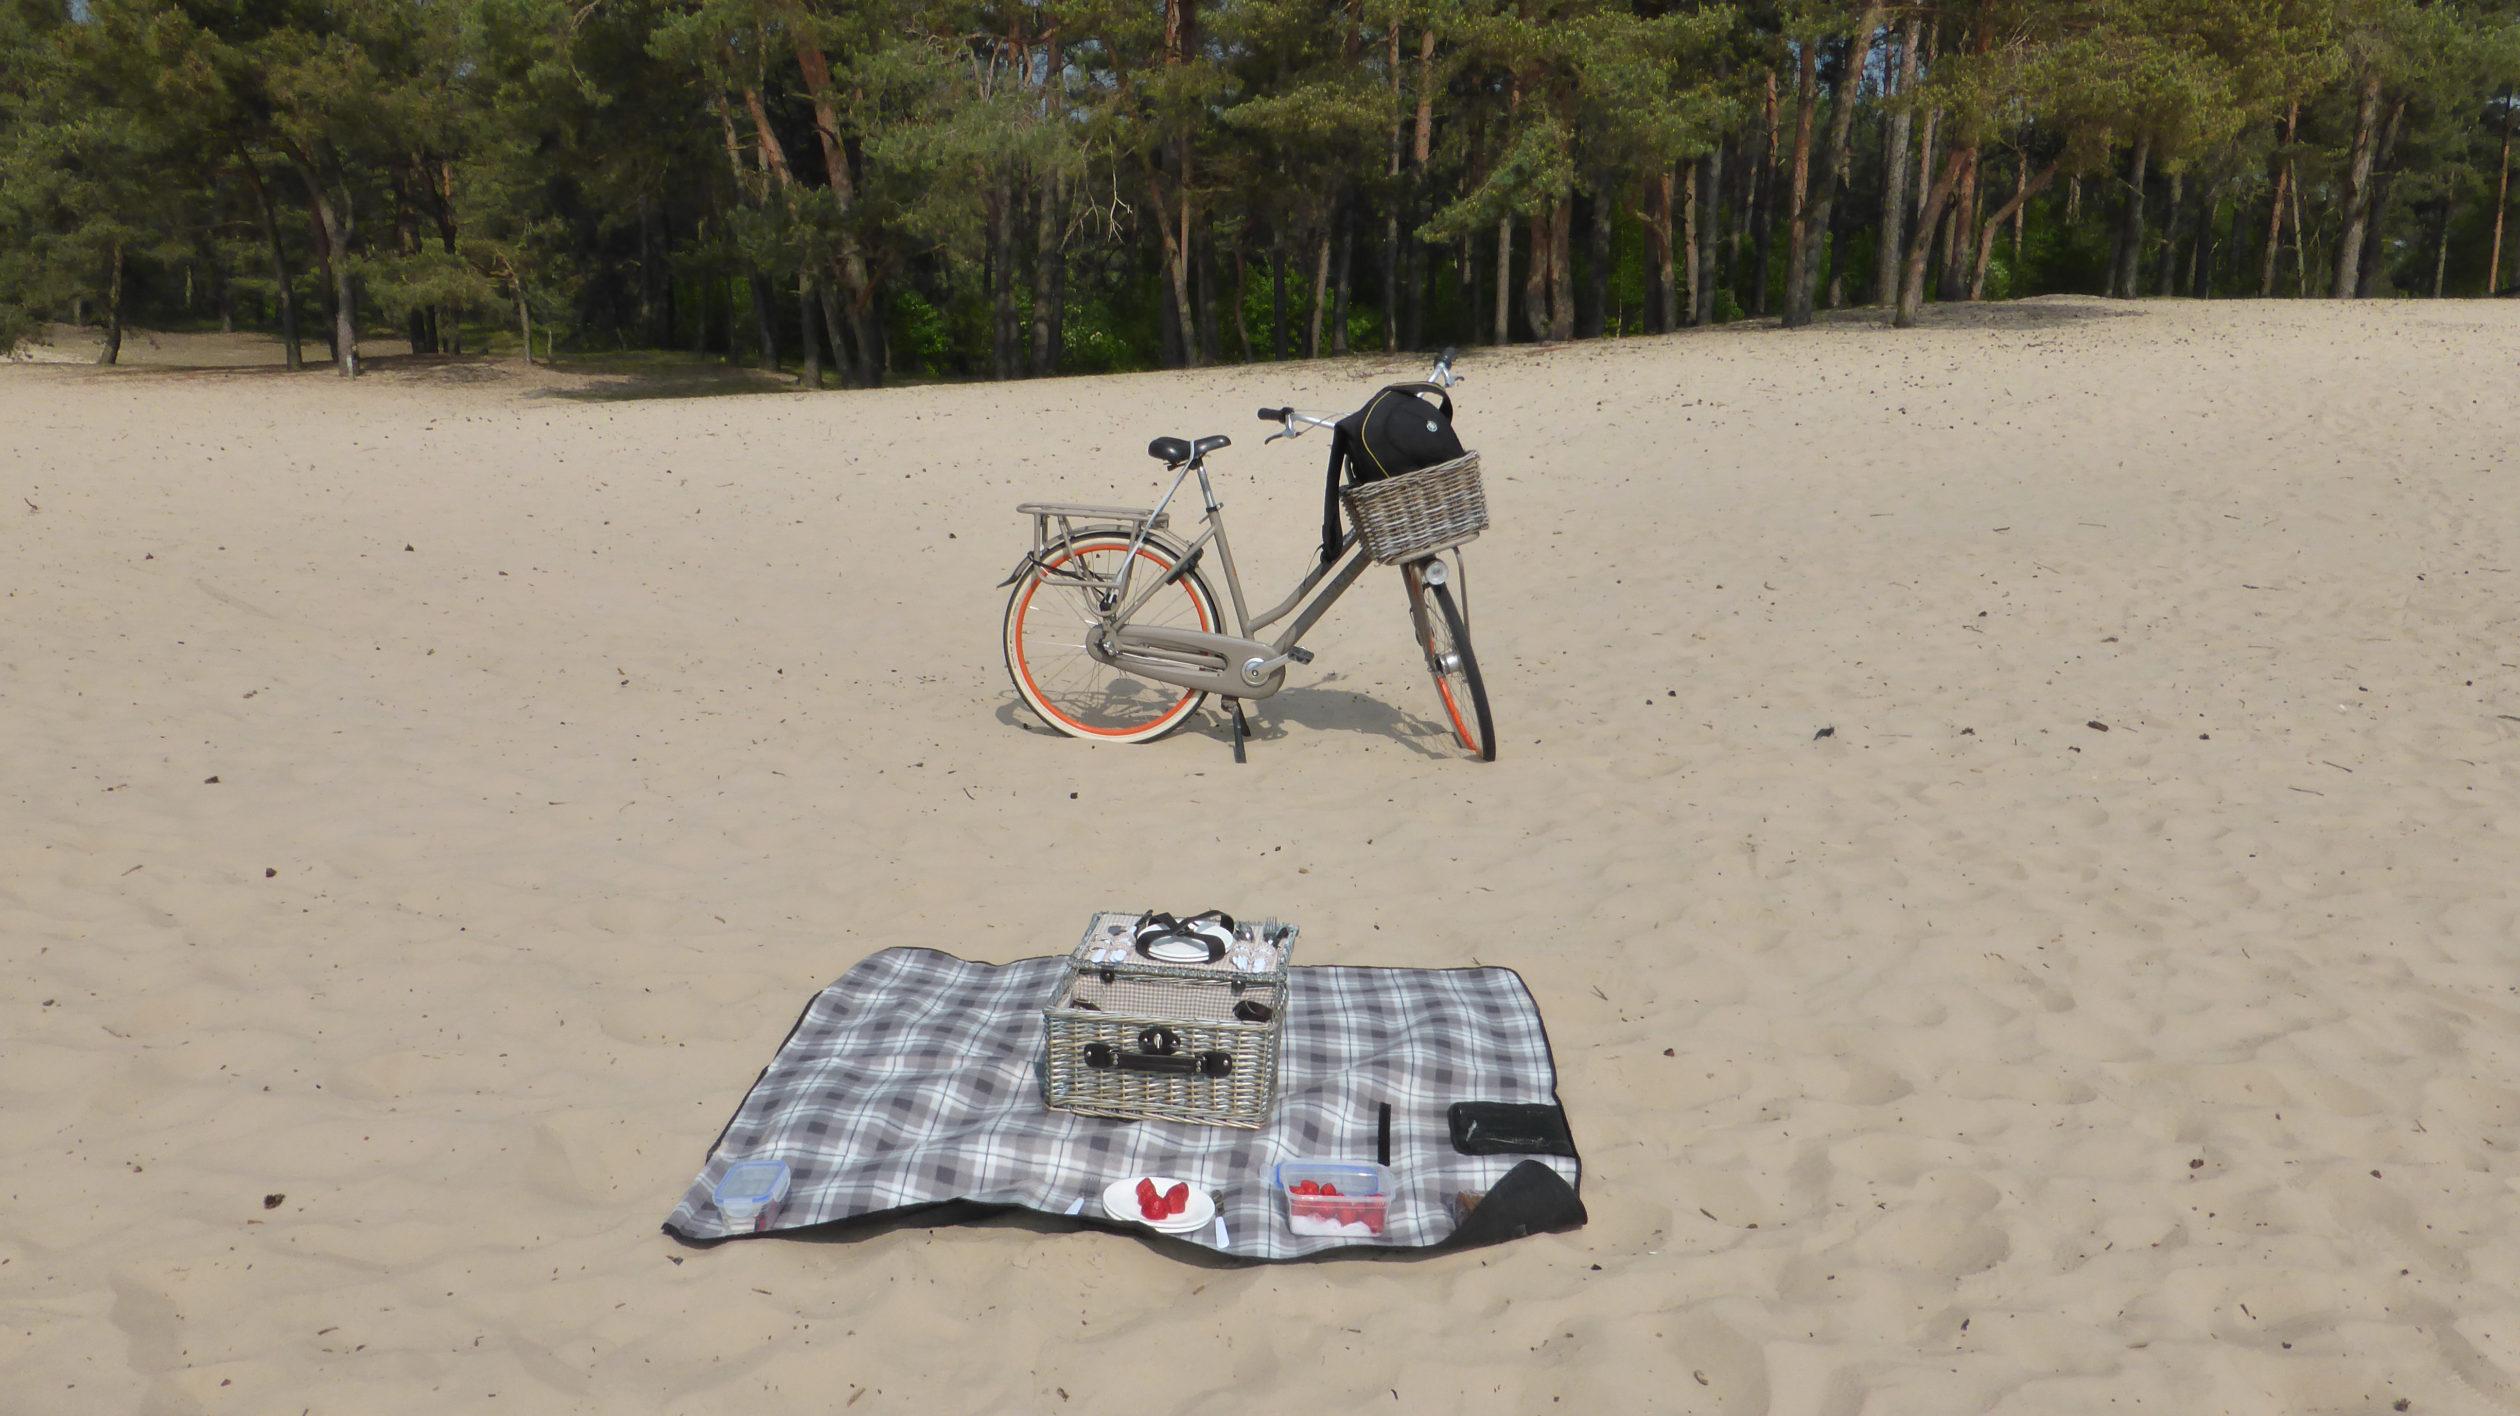 Picknick mit Decke und Fahrrad in der niderländischen Provinz Overijssel